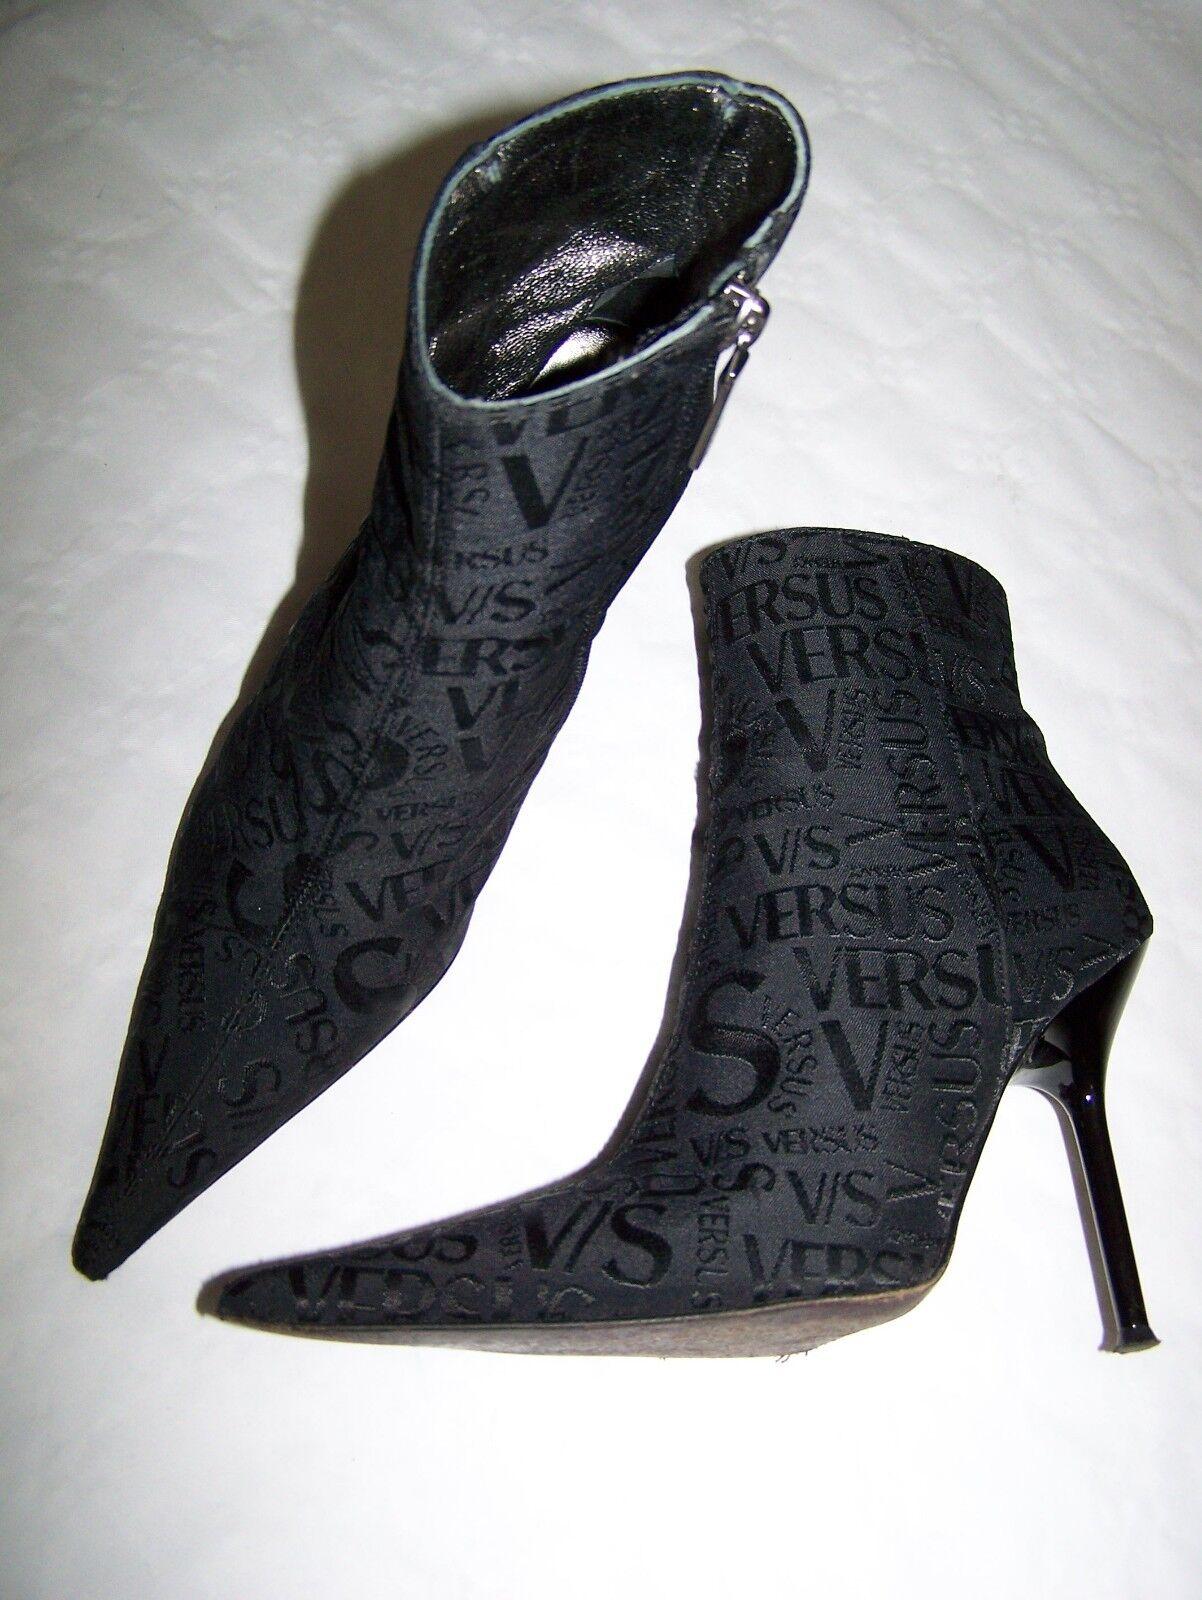 negozio d'offerta STIVALI TRONCHETTI TRONCHETTI TRONCHETTI  VERSUS GIANNI VERSACE  stivali  n°37  MADE IN ITALY  tutto in alta qualità e prezzo basso